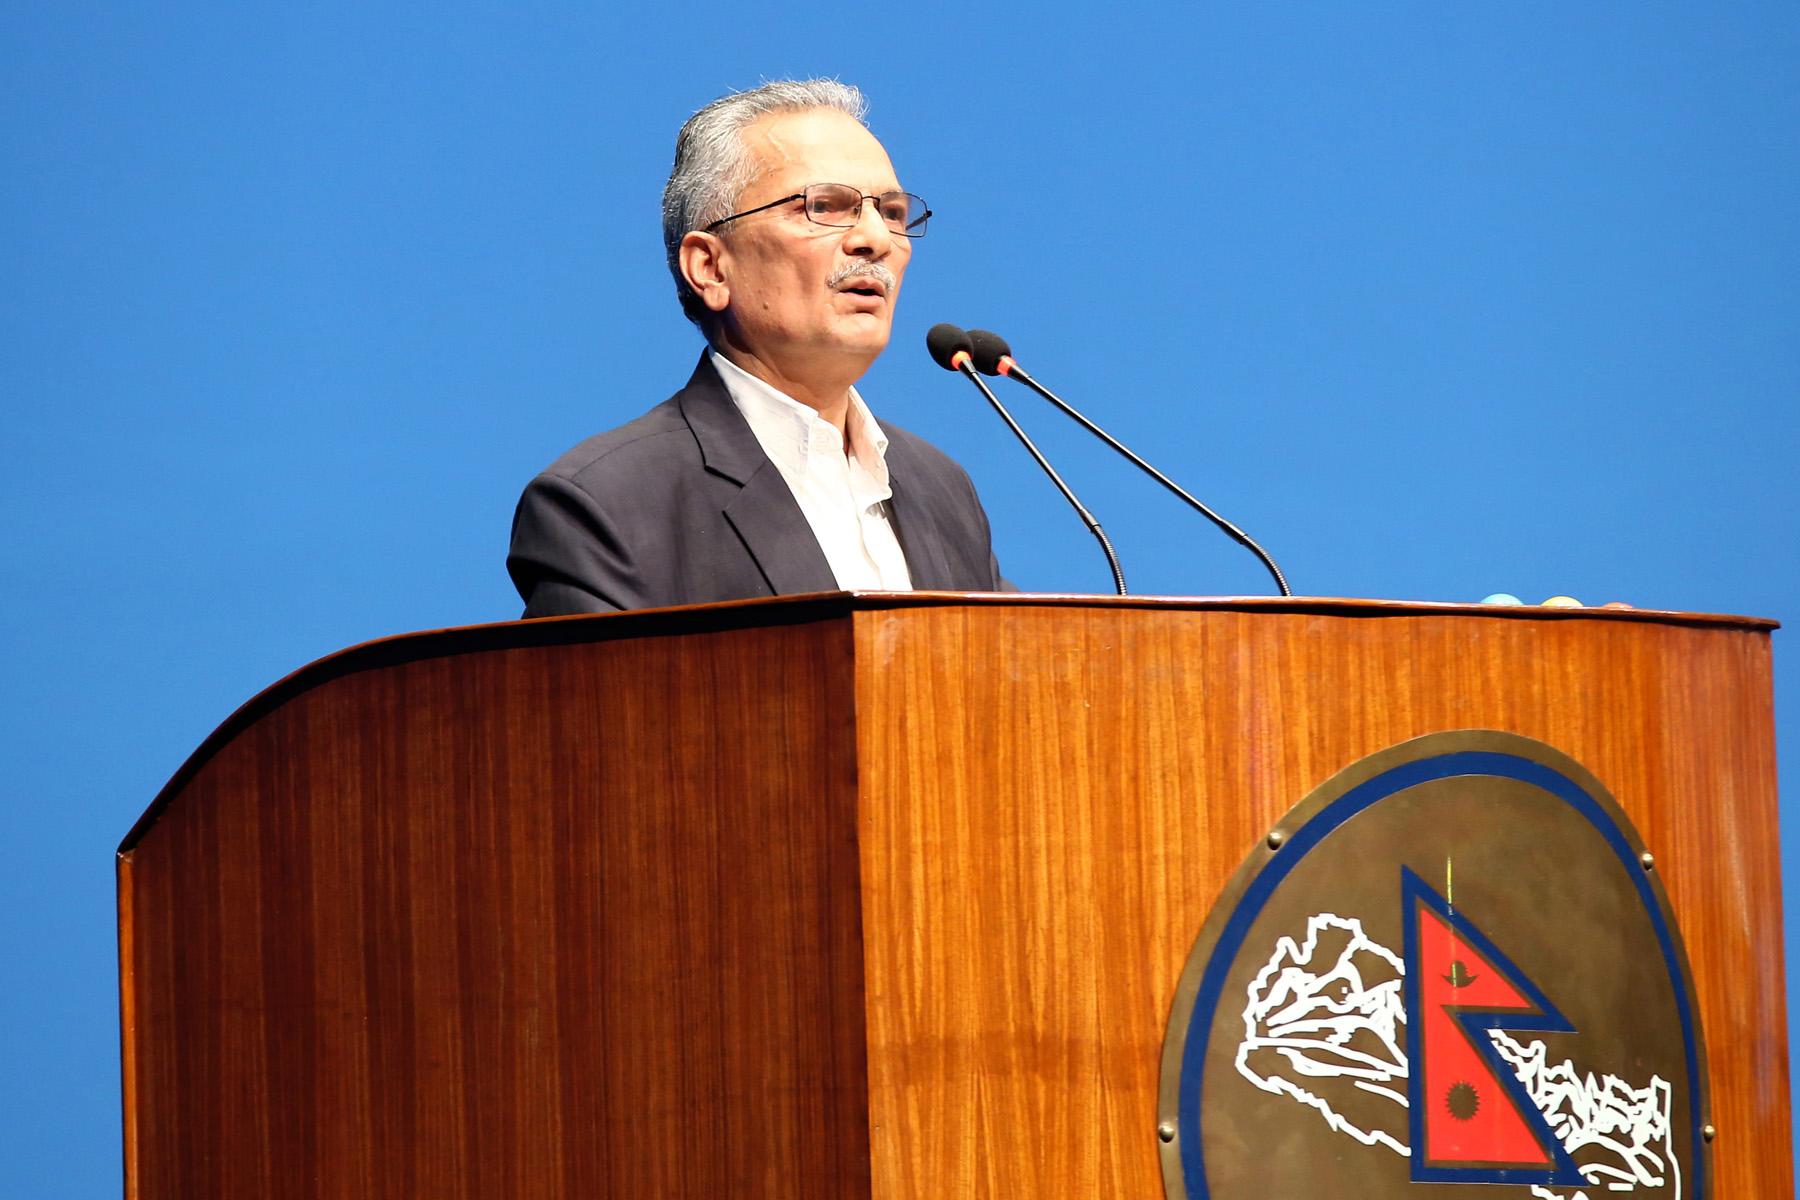 बाबुराम भट्टराईद्वारा प्रधानमन्त्रीको राजीनामा माग